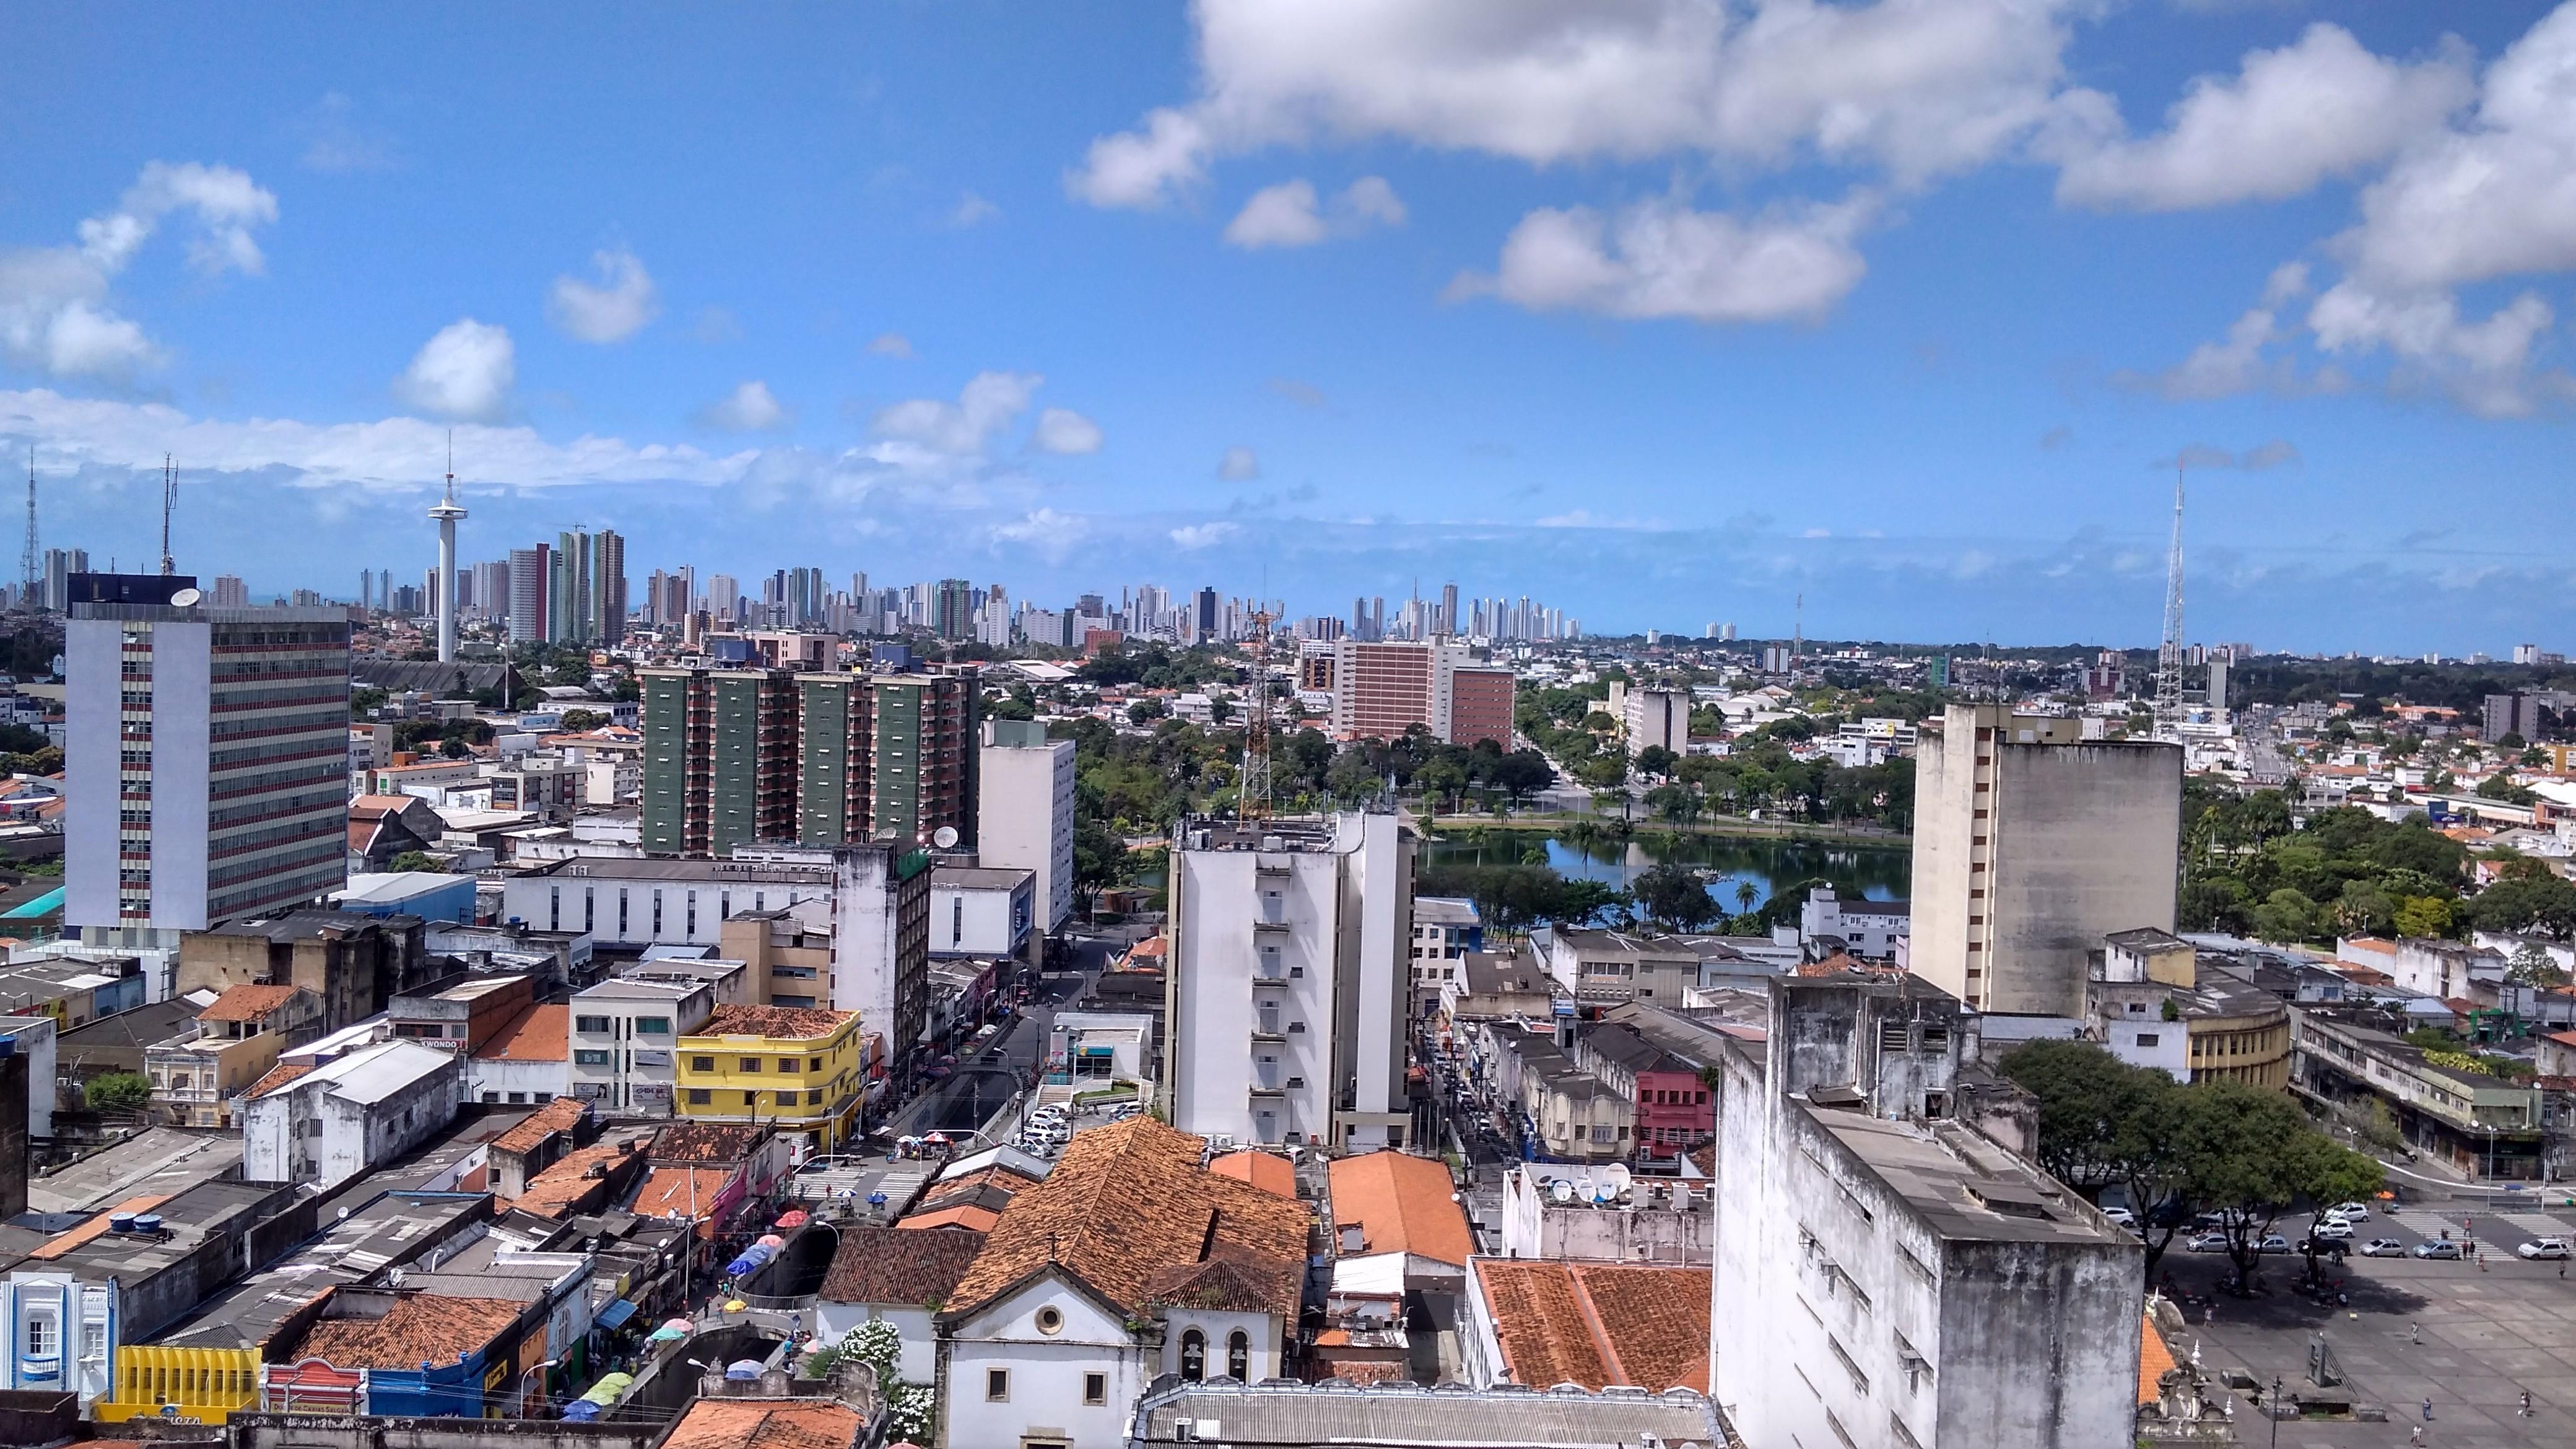 MP investiga suposto aumento de casos de câncer causados por antenas em prédio de João Pessoa